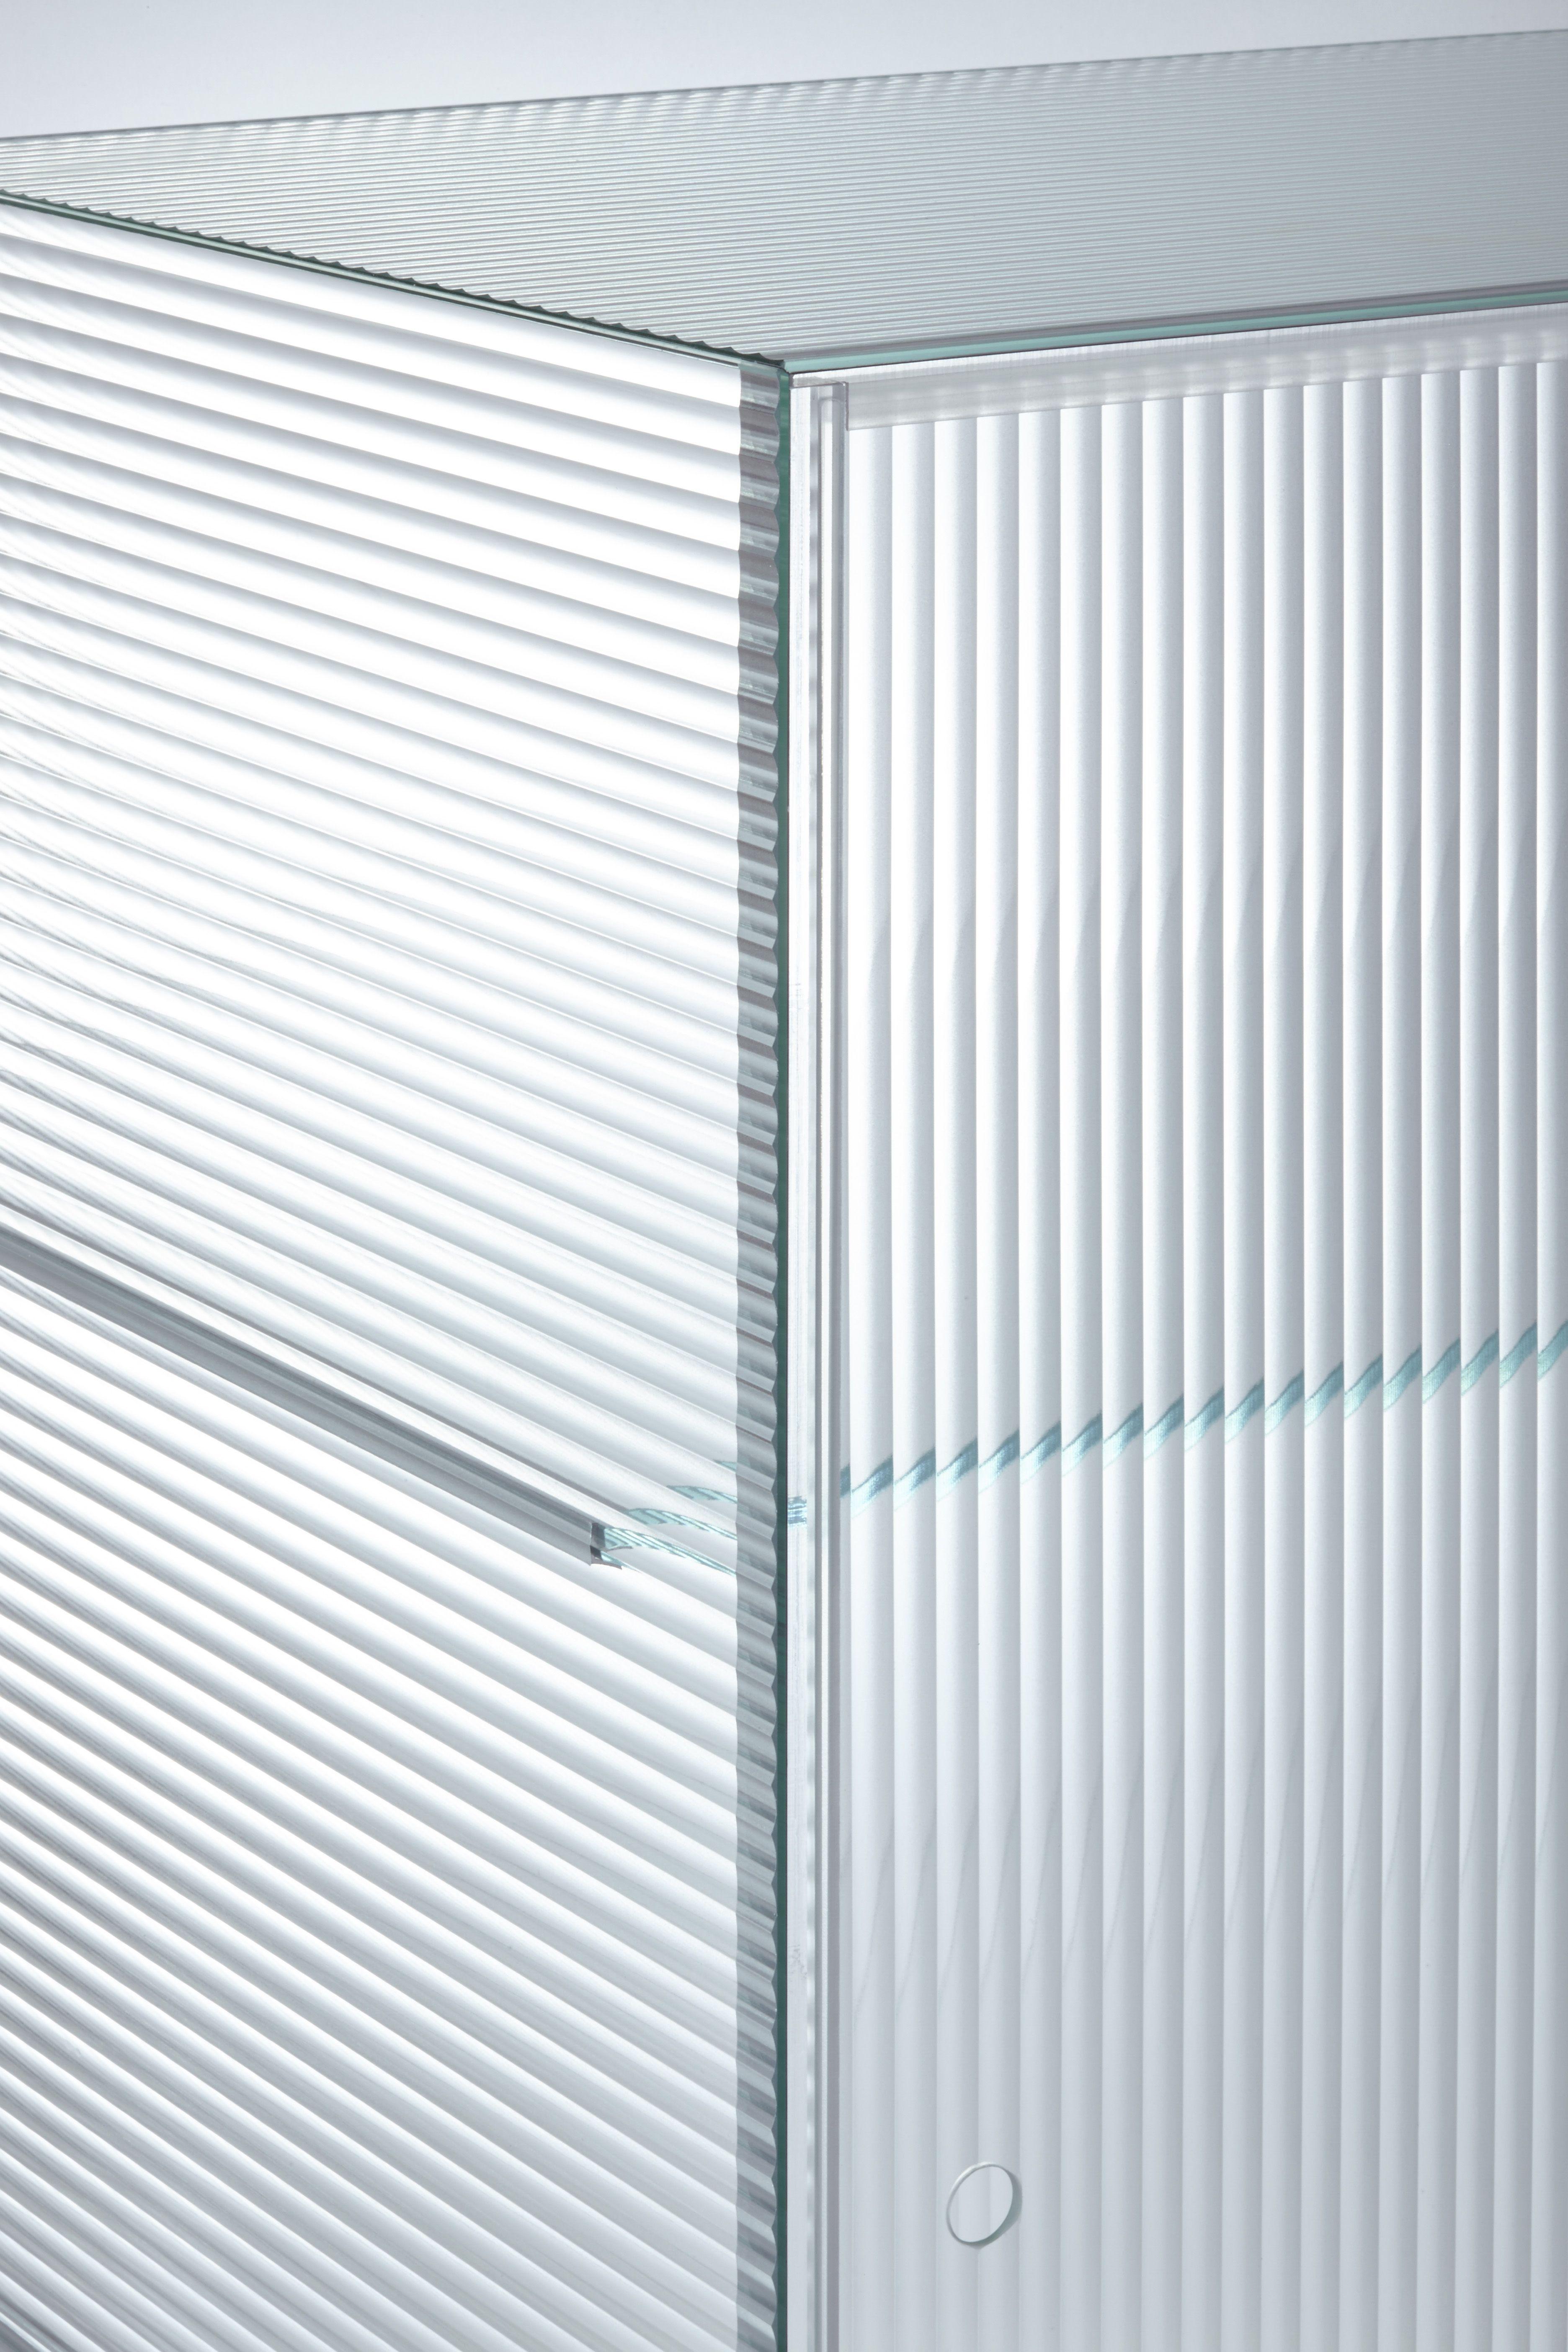 COMMODORE storage units design Piero Lissoni Storage furniture in ...